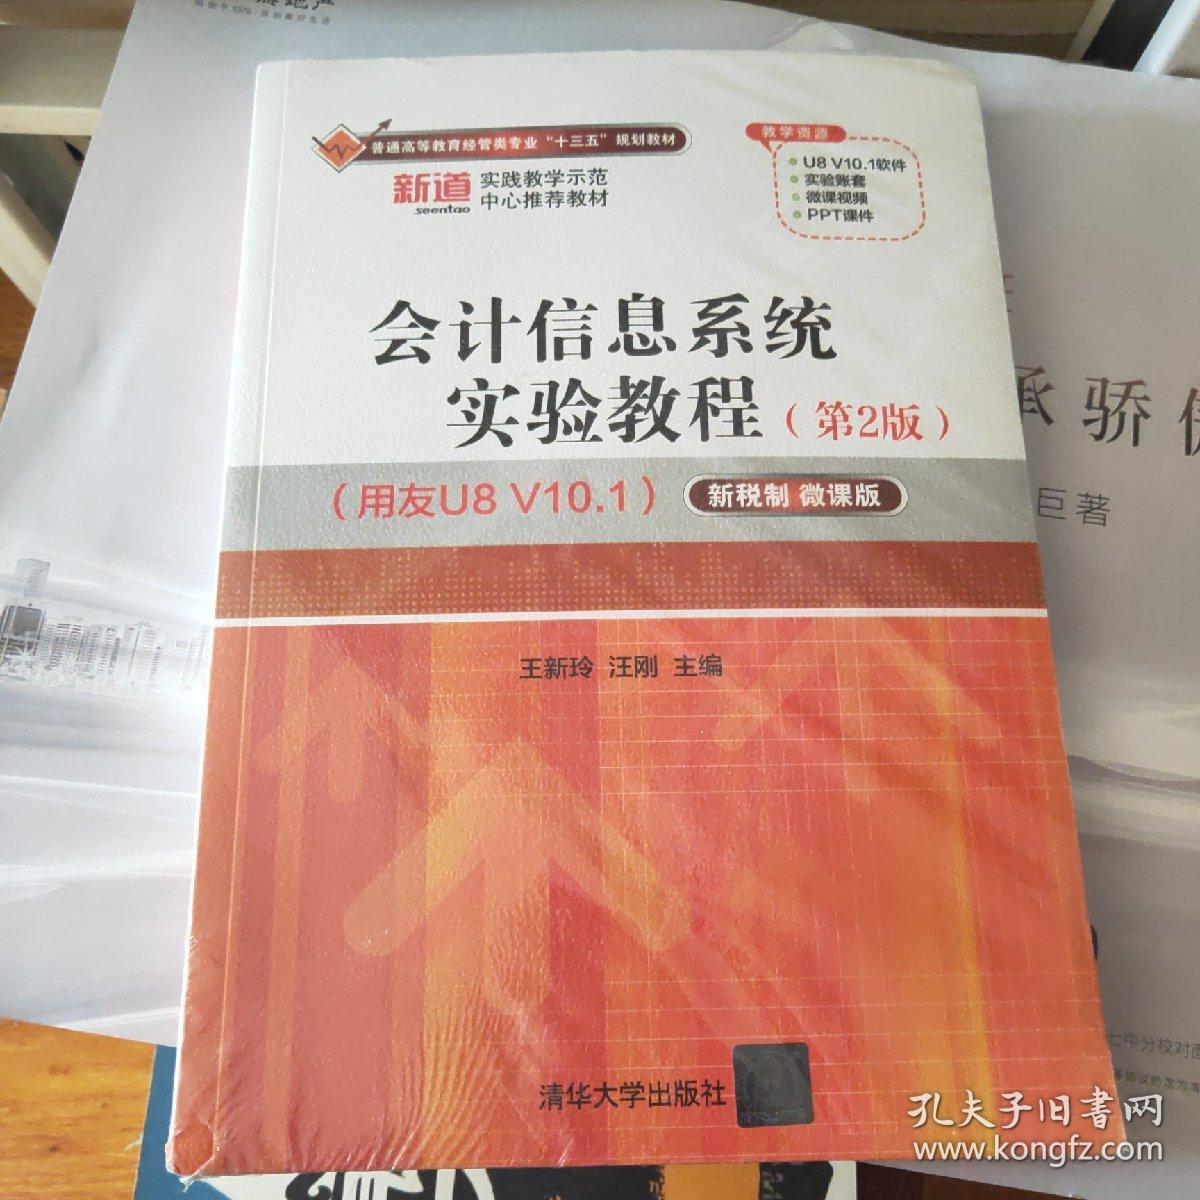 会计信息系统实验教程(第2版)(用友U8V10.1)